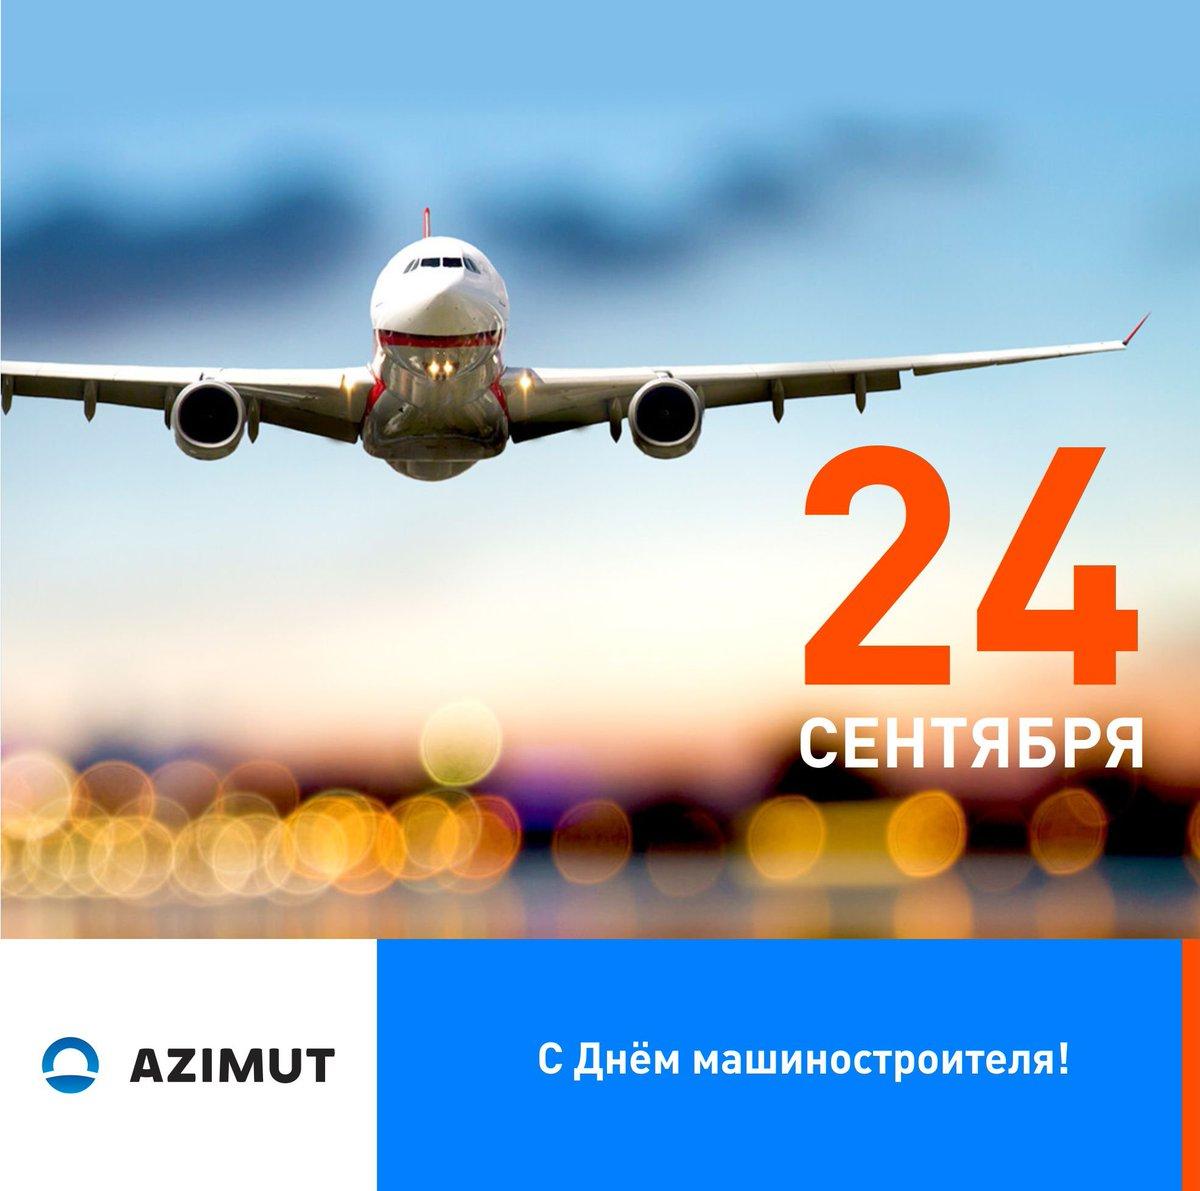 #AZIMUT поздравляет машиностроителей с профессиональным праздником! https://t.co/XhCbEj8vho #аэронавигация, #аэропорт, #airnavigation https://t.co/bqNMfaULgM